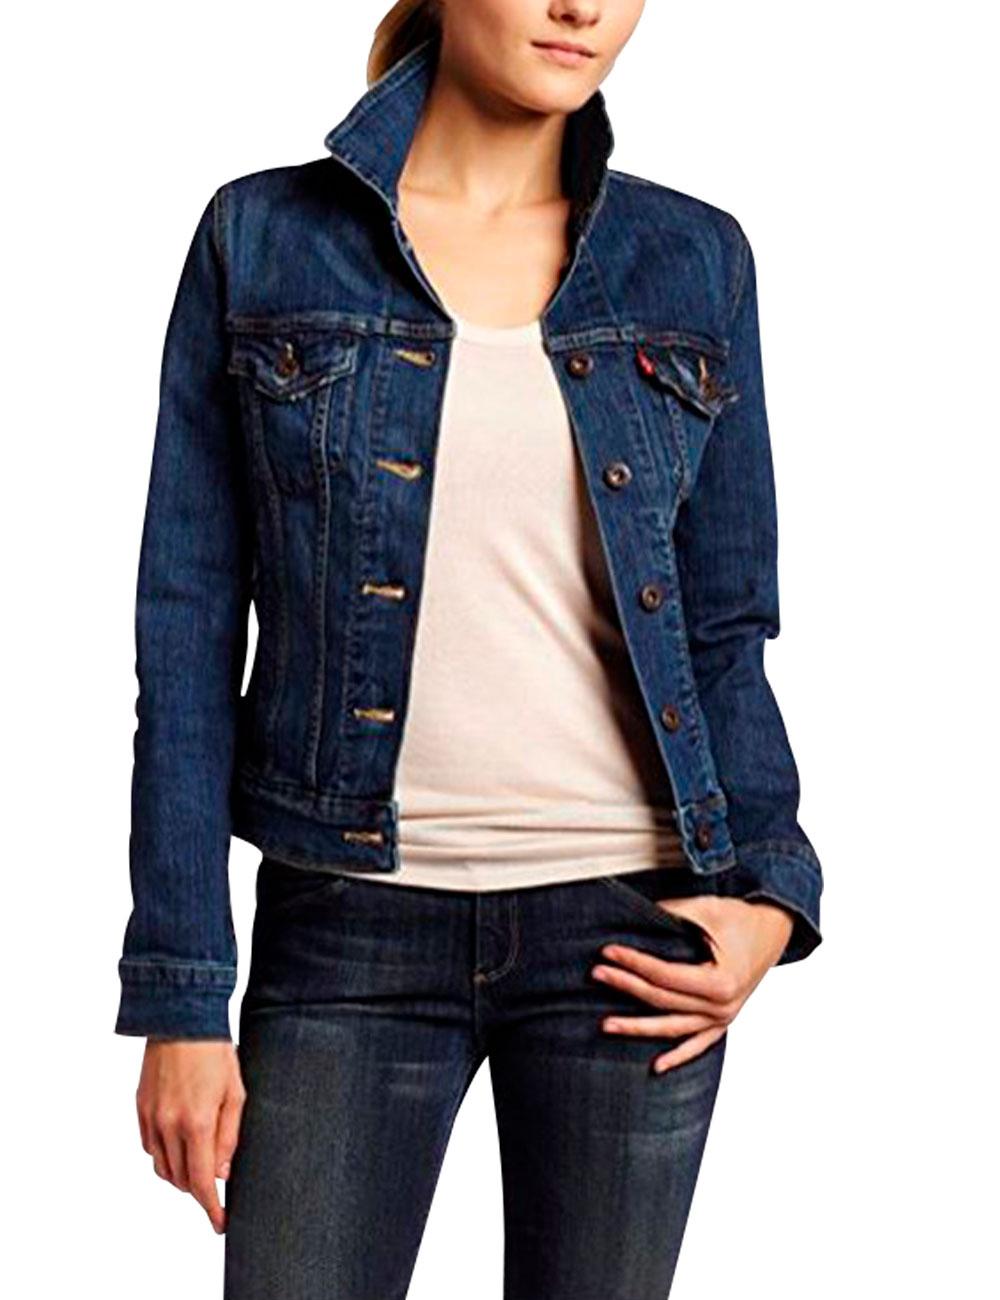 0f020c7ed0a16 Veste Jeans Pour Femmes De Levi S Bleu